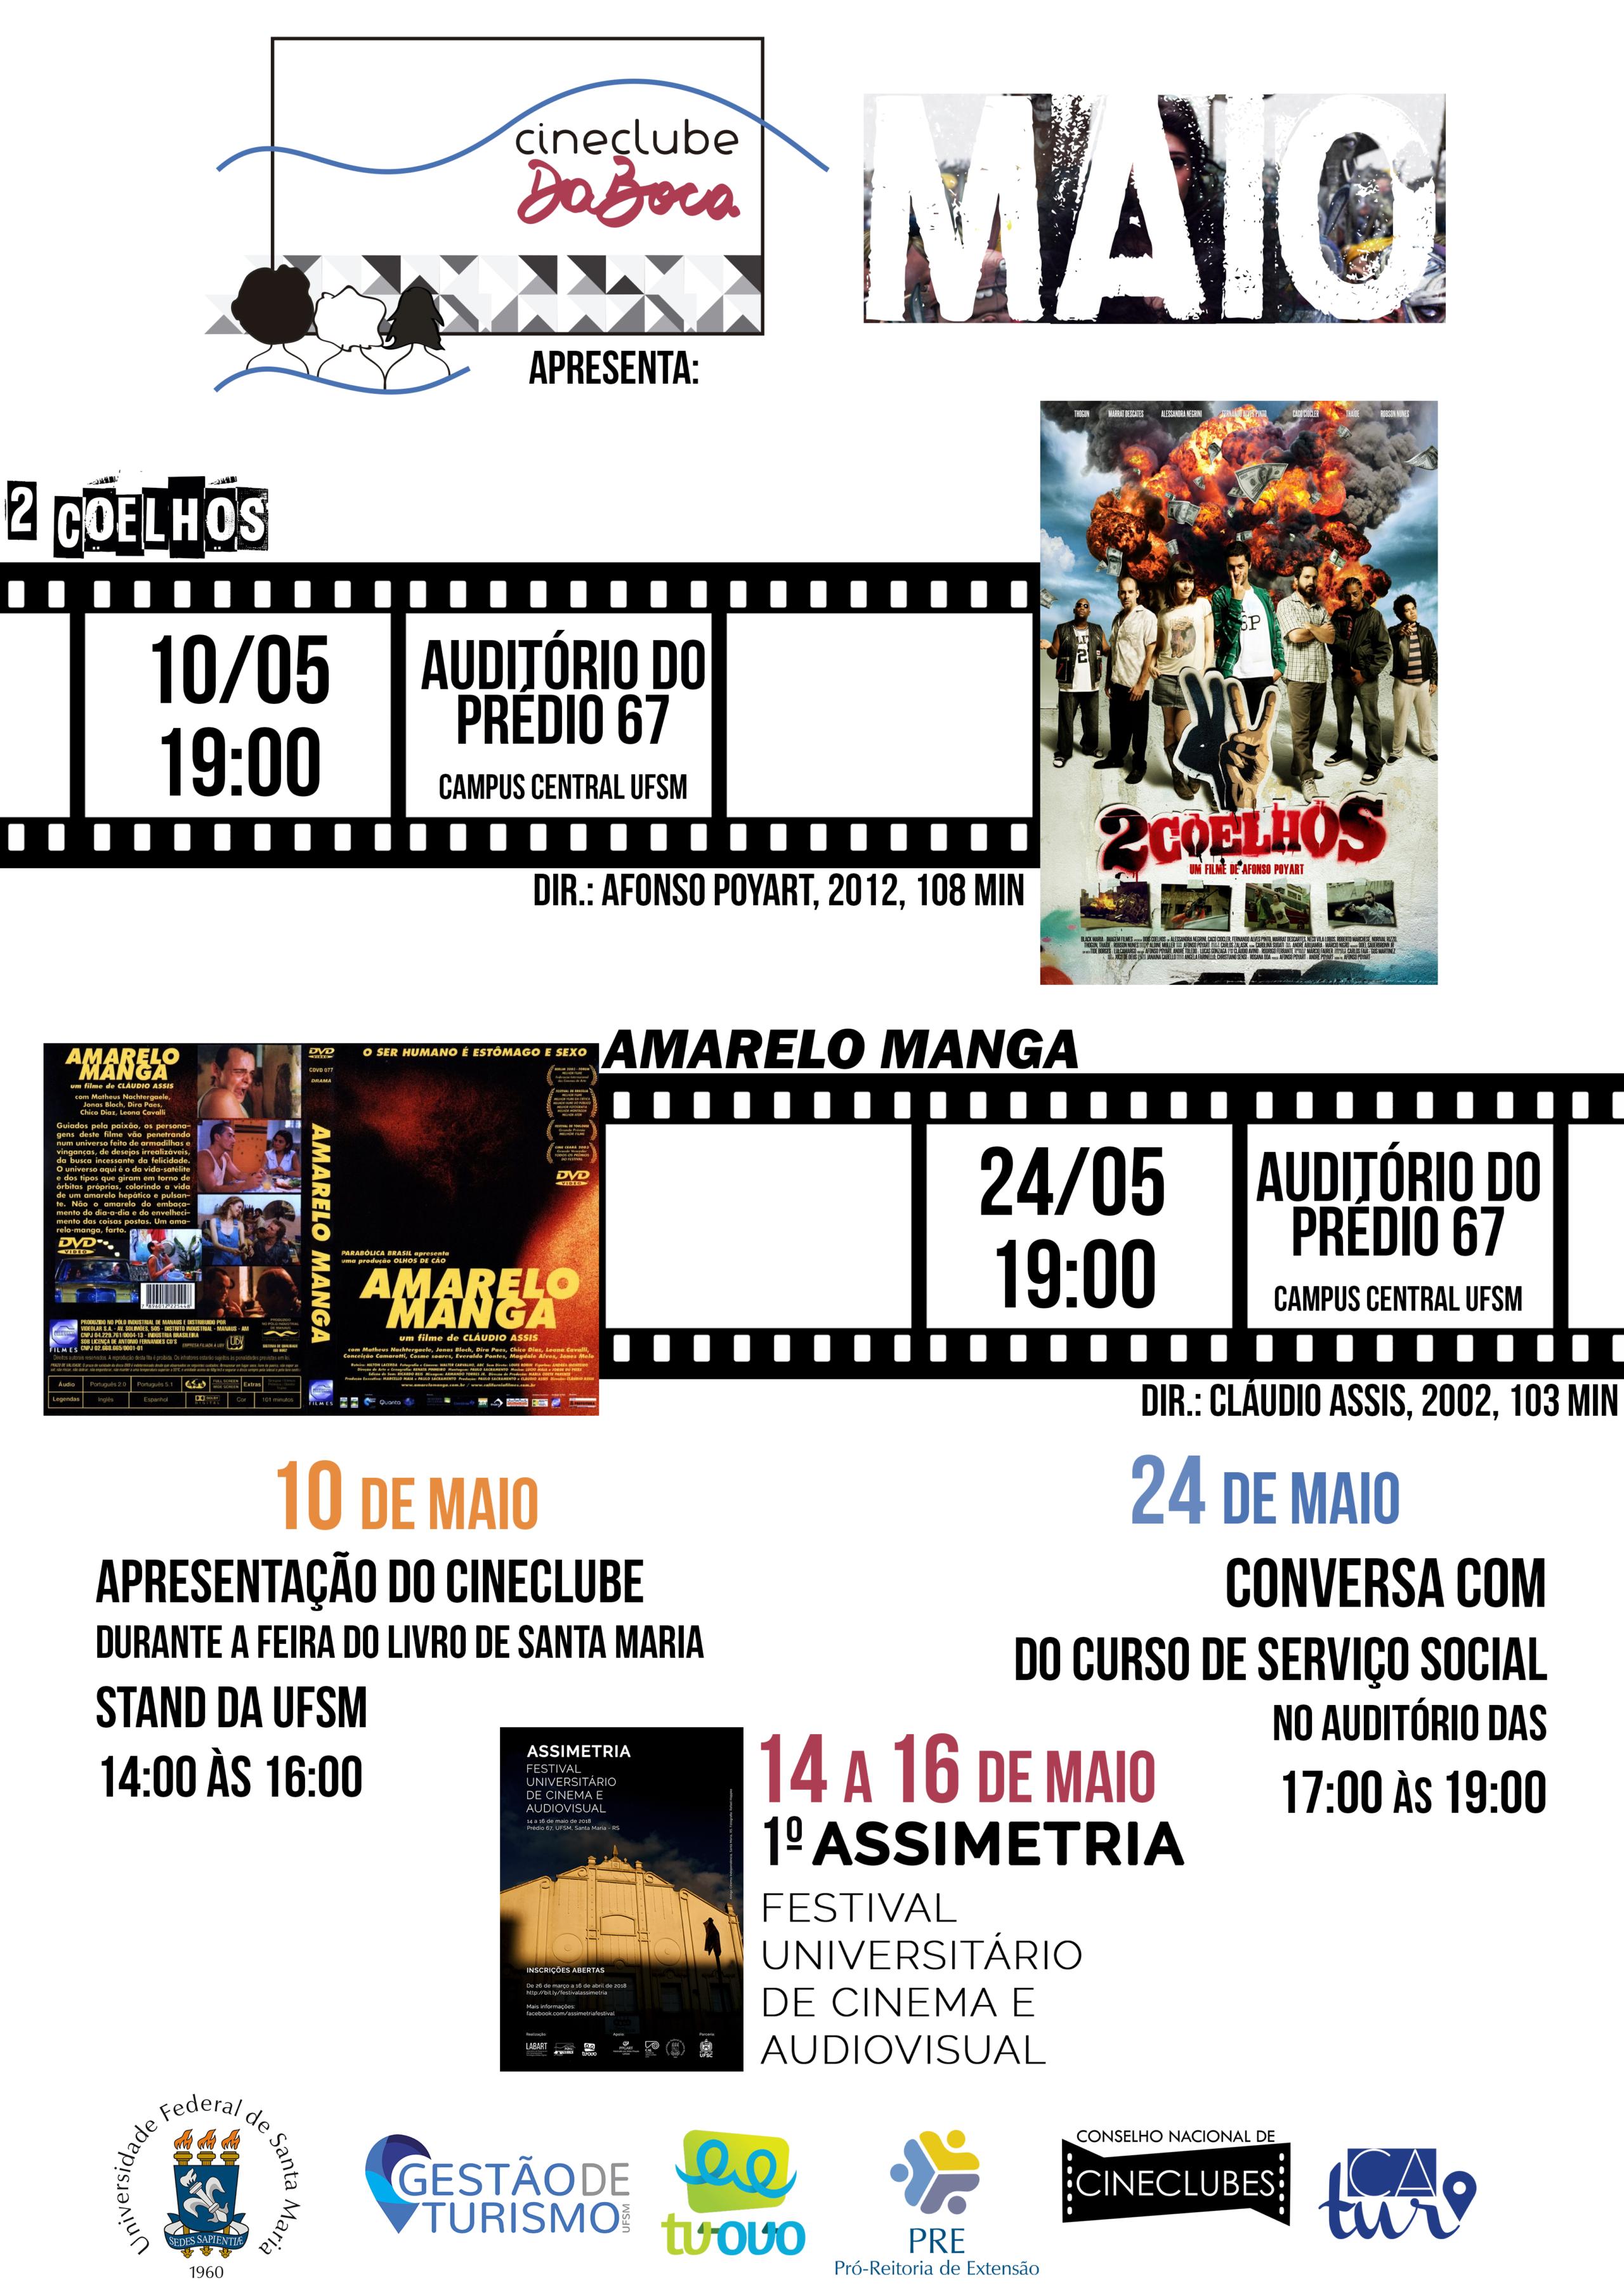 Amarelo Manga 2002 cineclube da boca promove bate-papo e exibição de filme